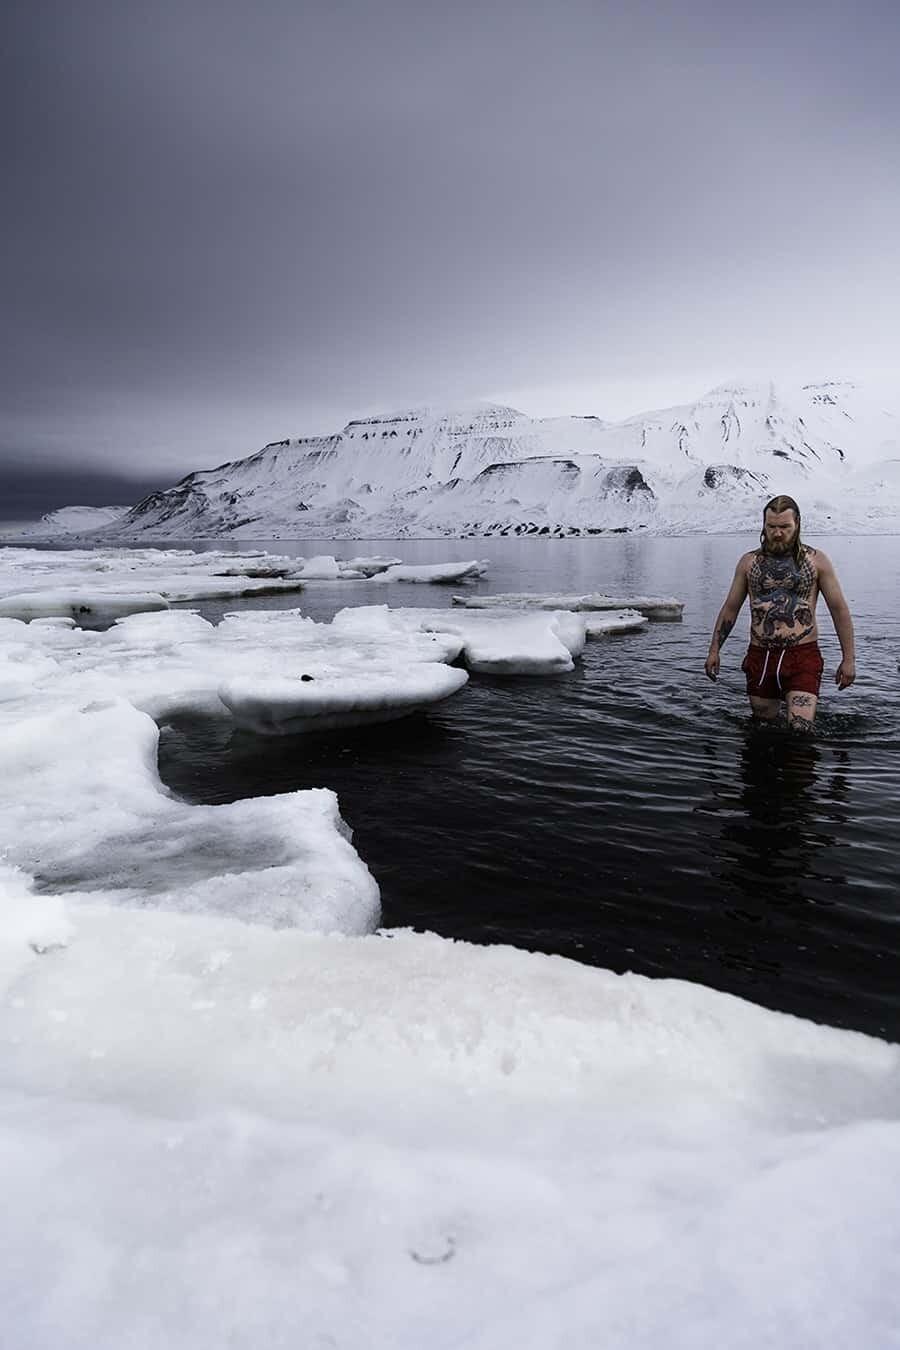 Lofoten Islands Photographer Neil Bloem interview